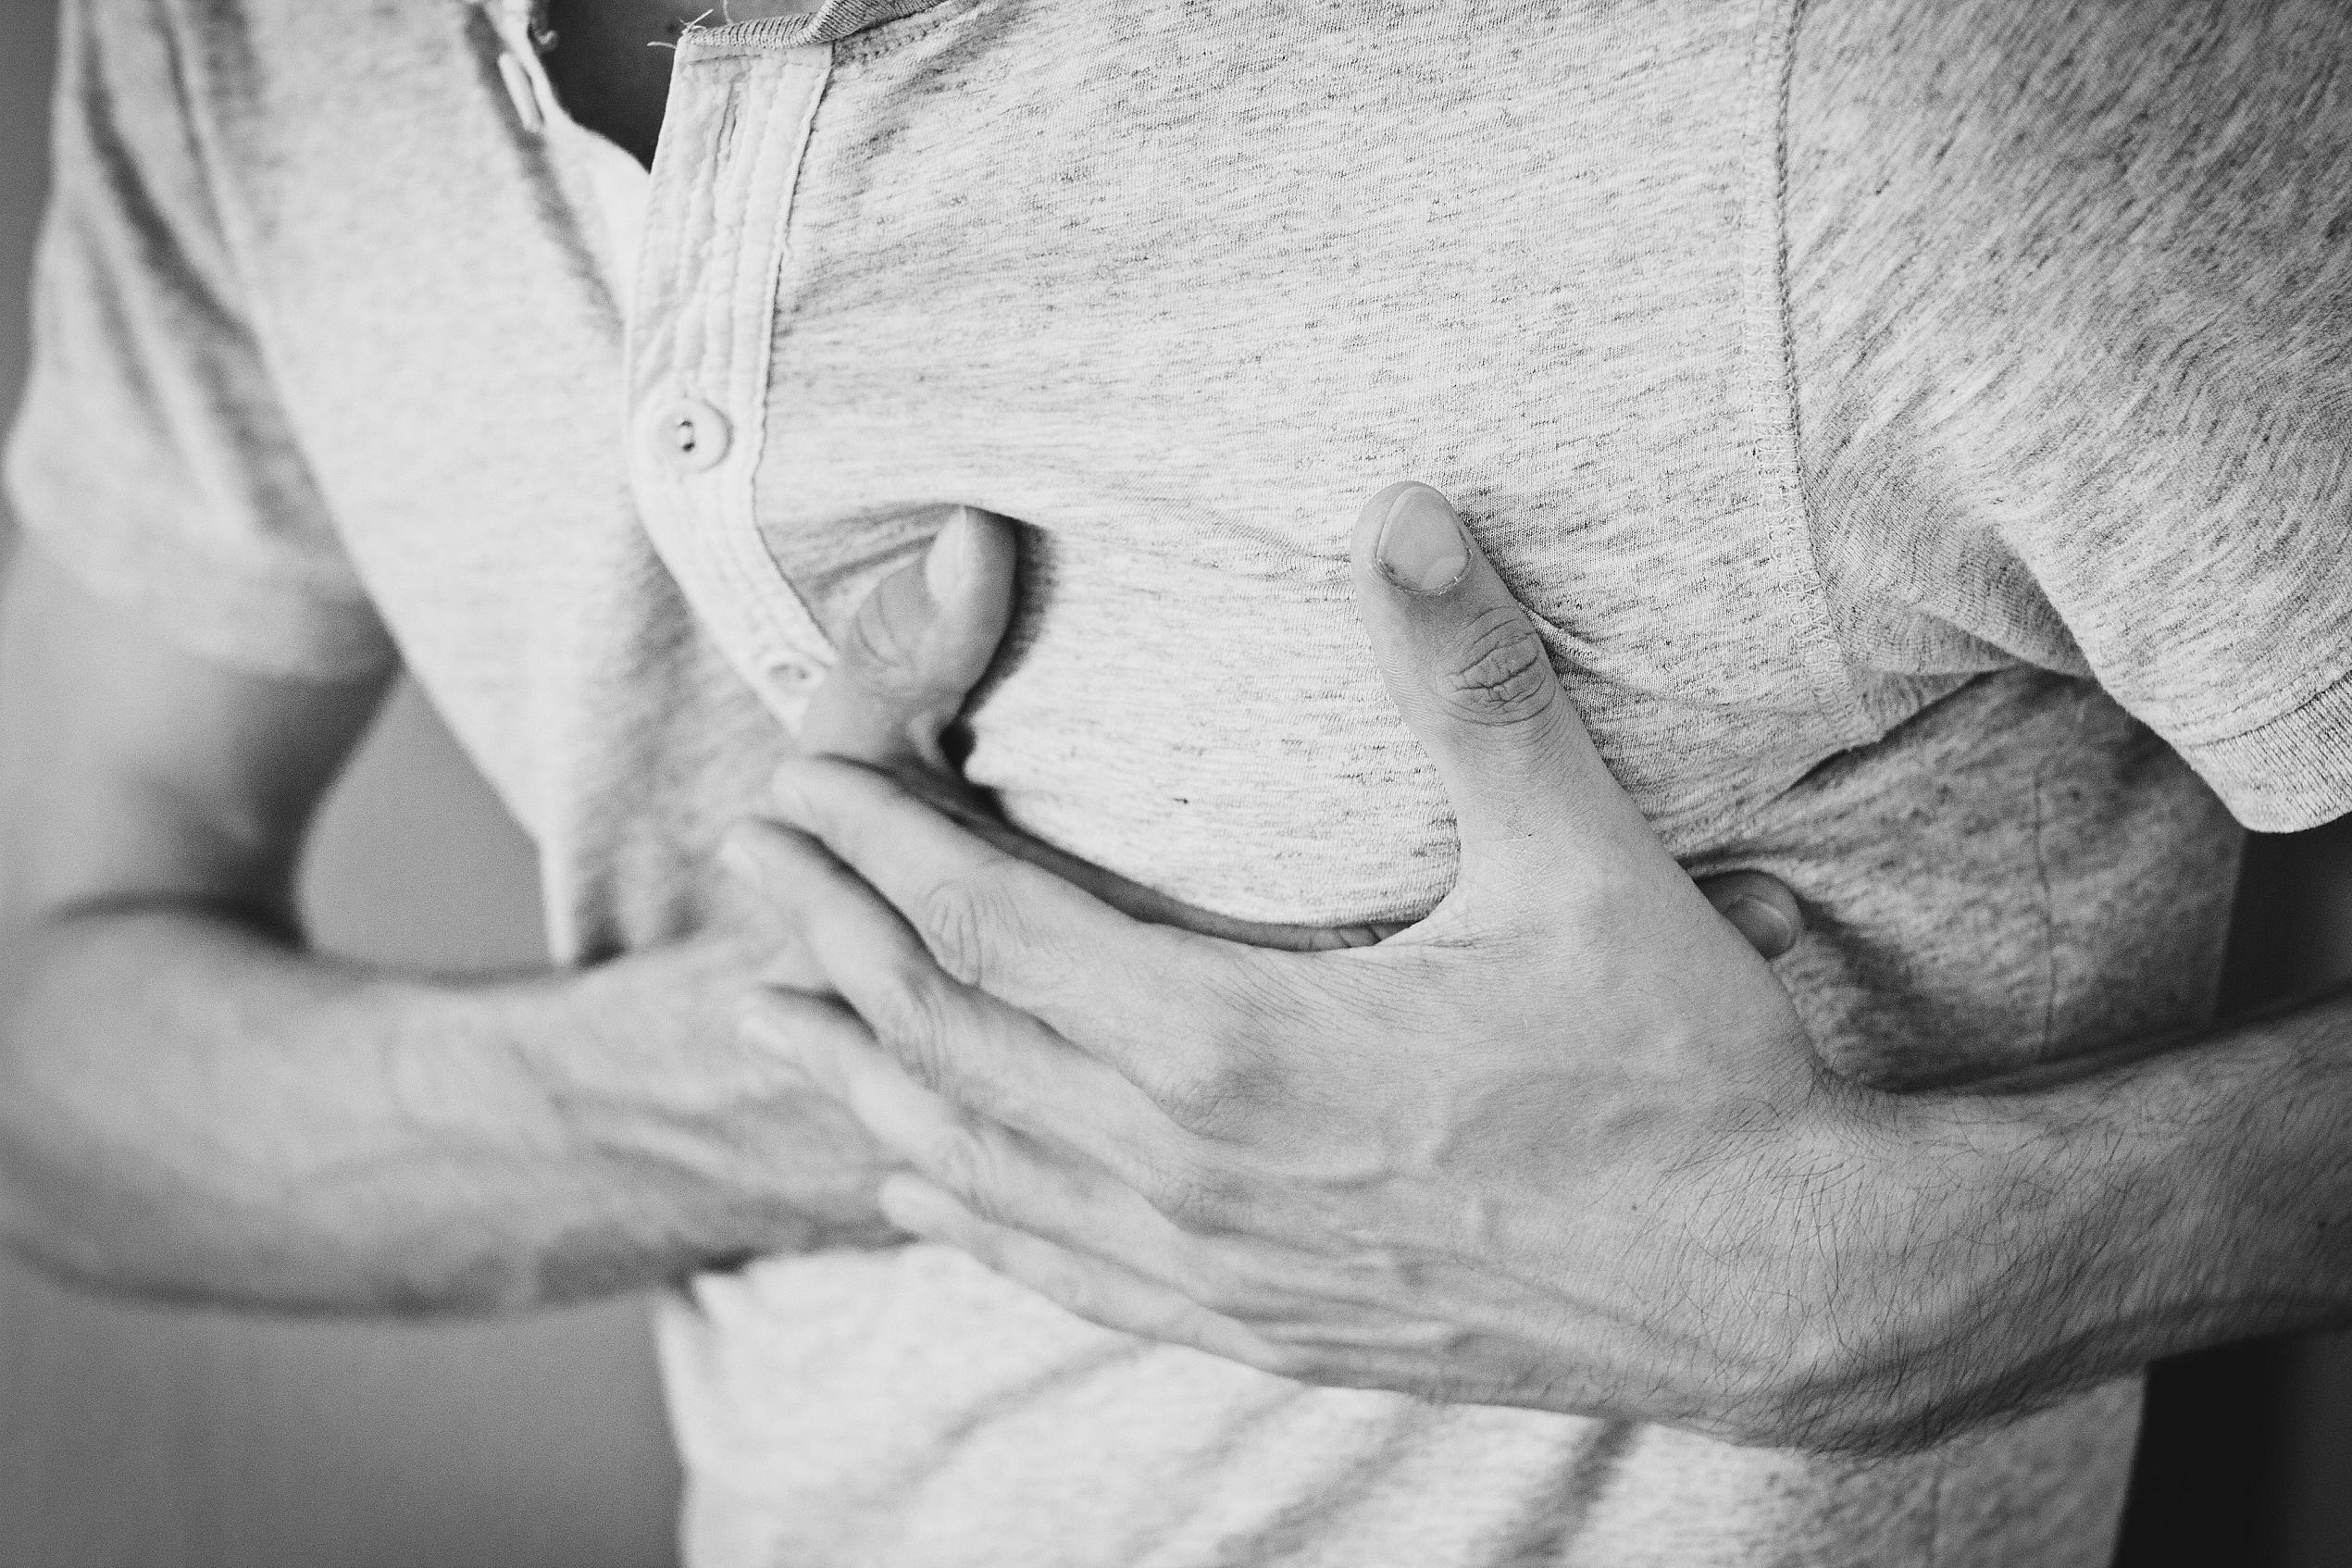 vasaros širdies sveikatos patarimai